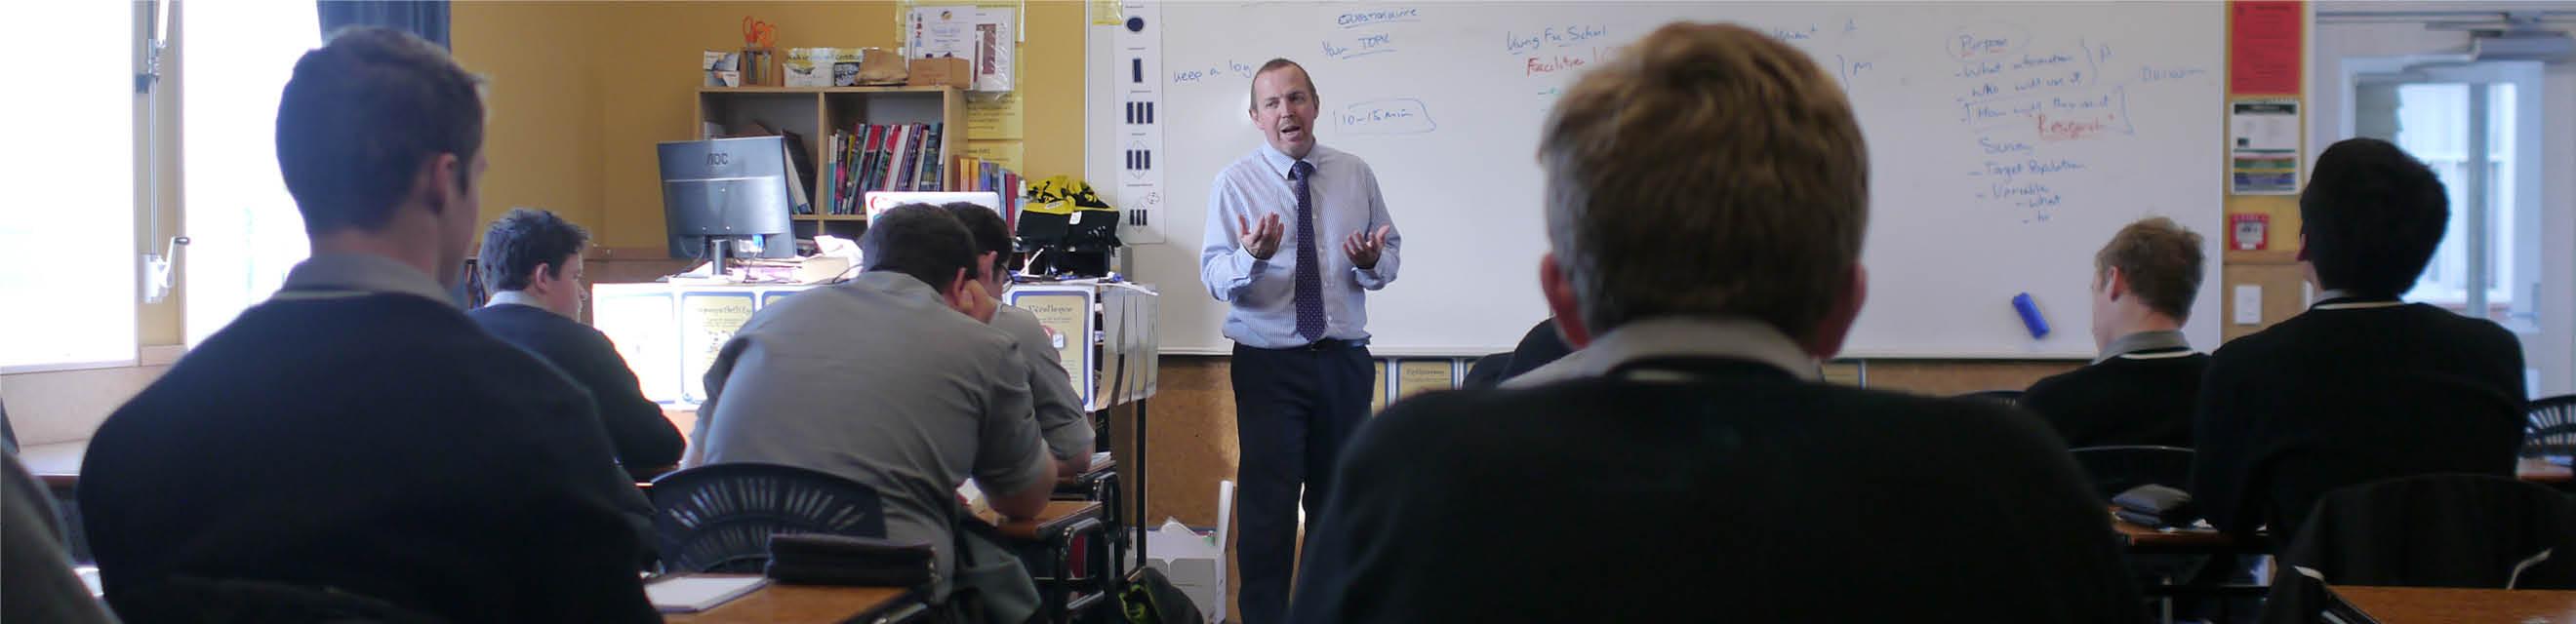 ニュージーランド 中学 高校留学のプレミアム・エデュケーション05